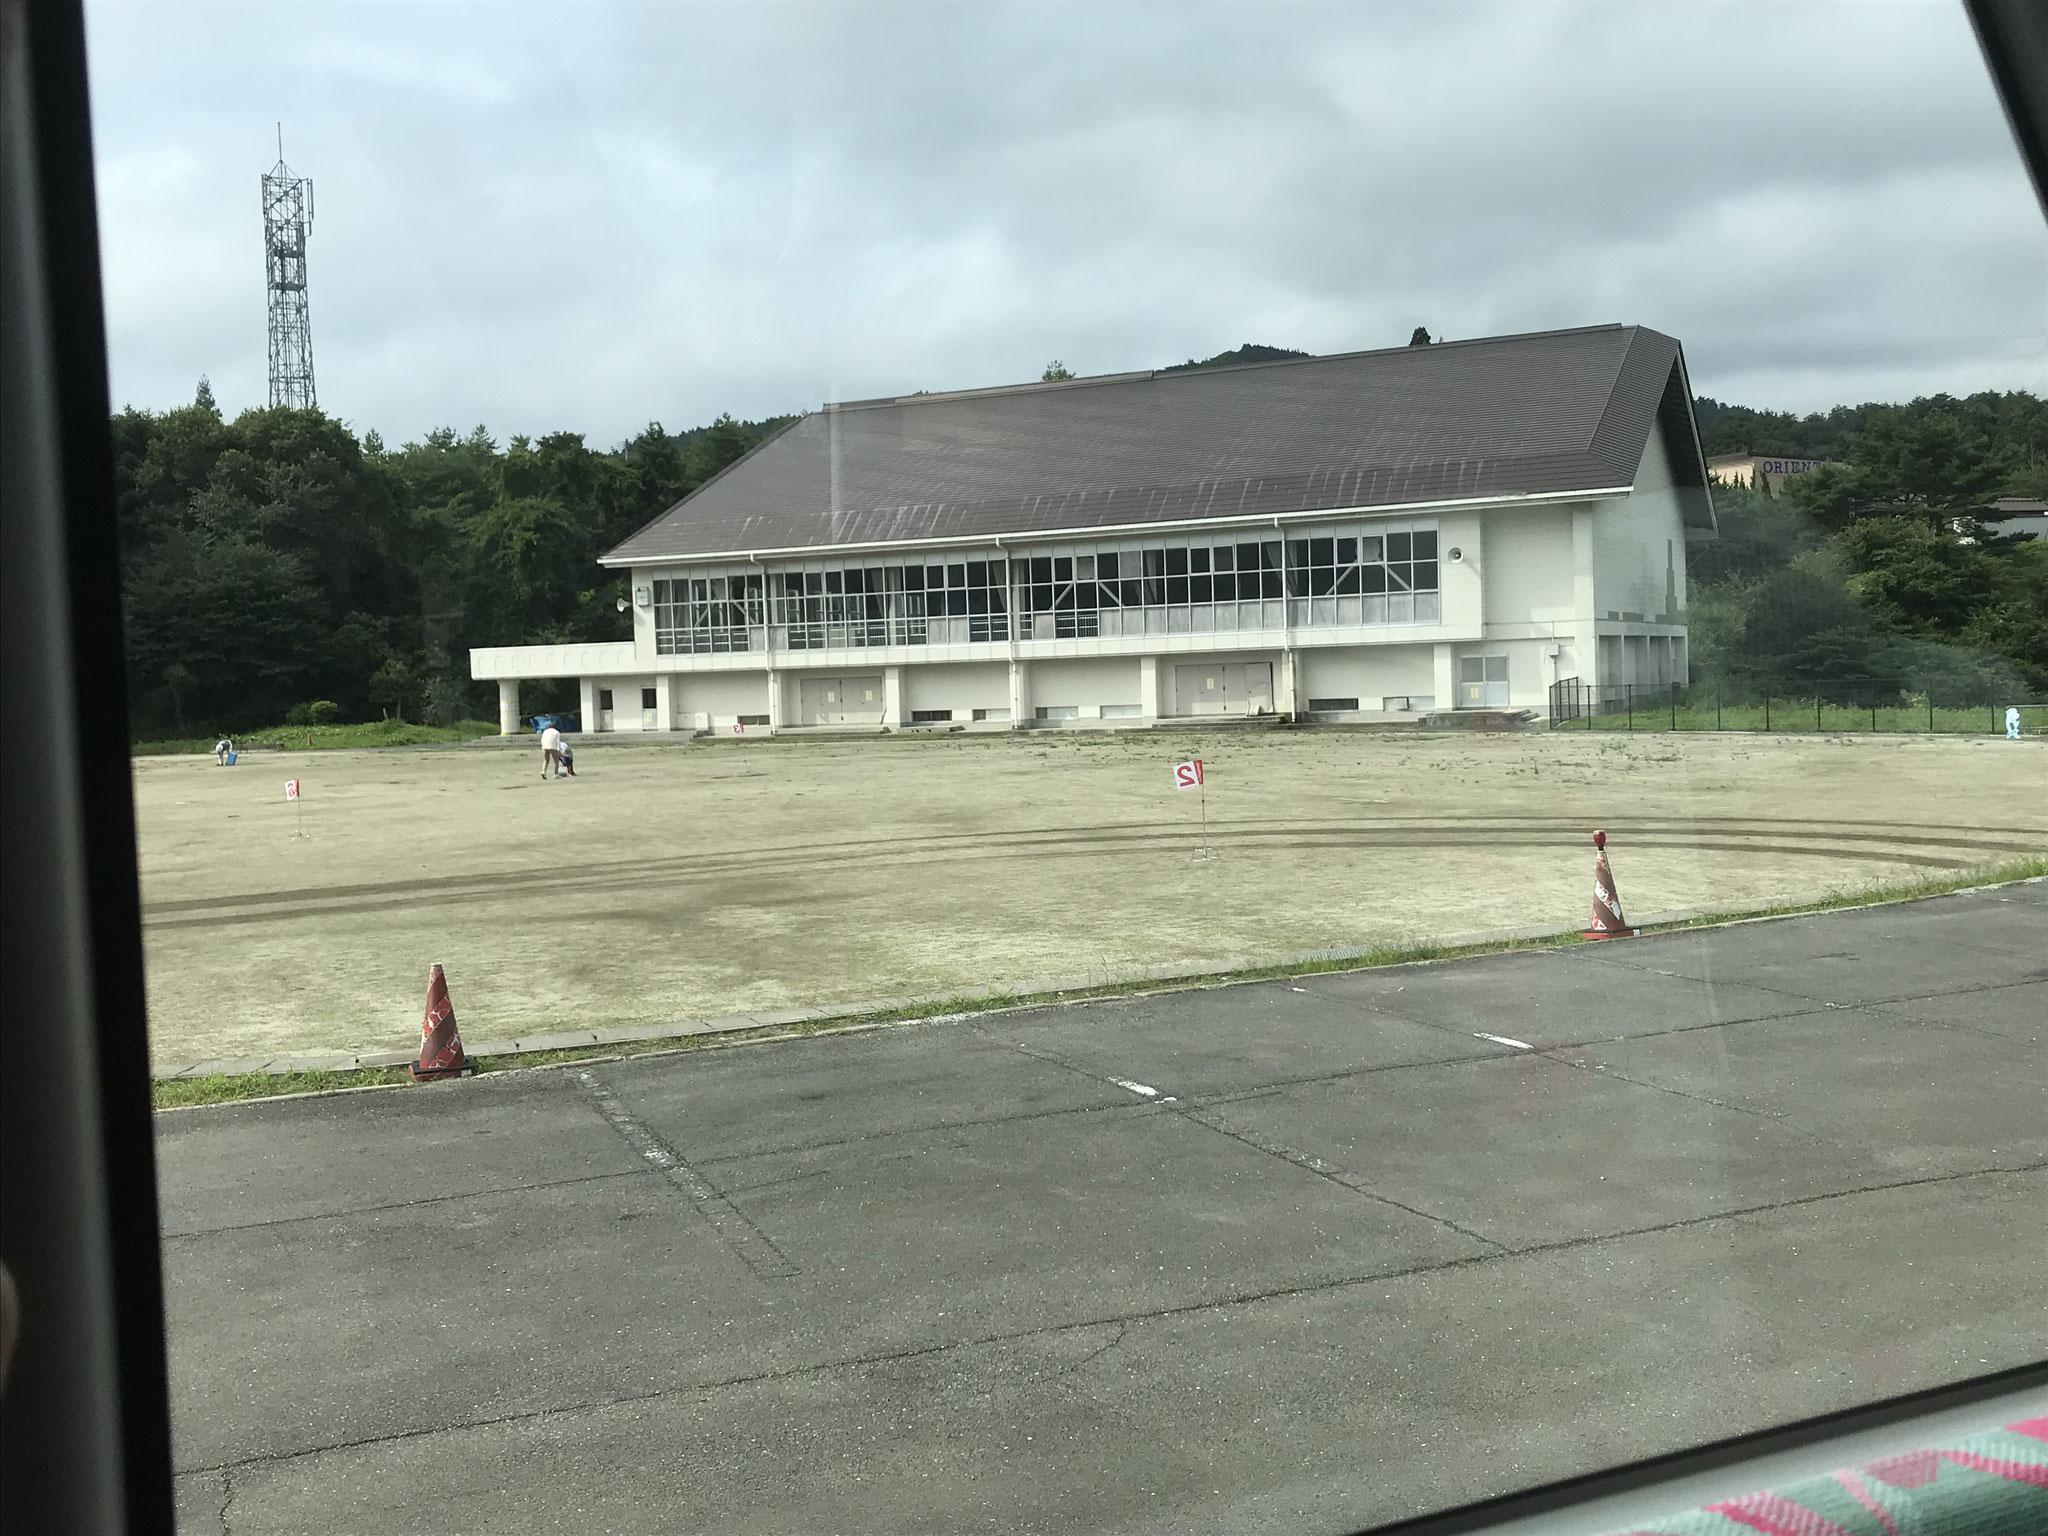 戸村中学校の体育館。高台に建っています